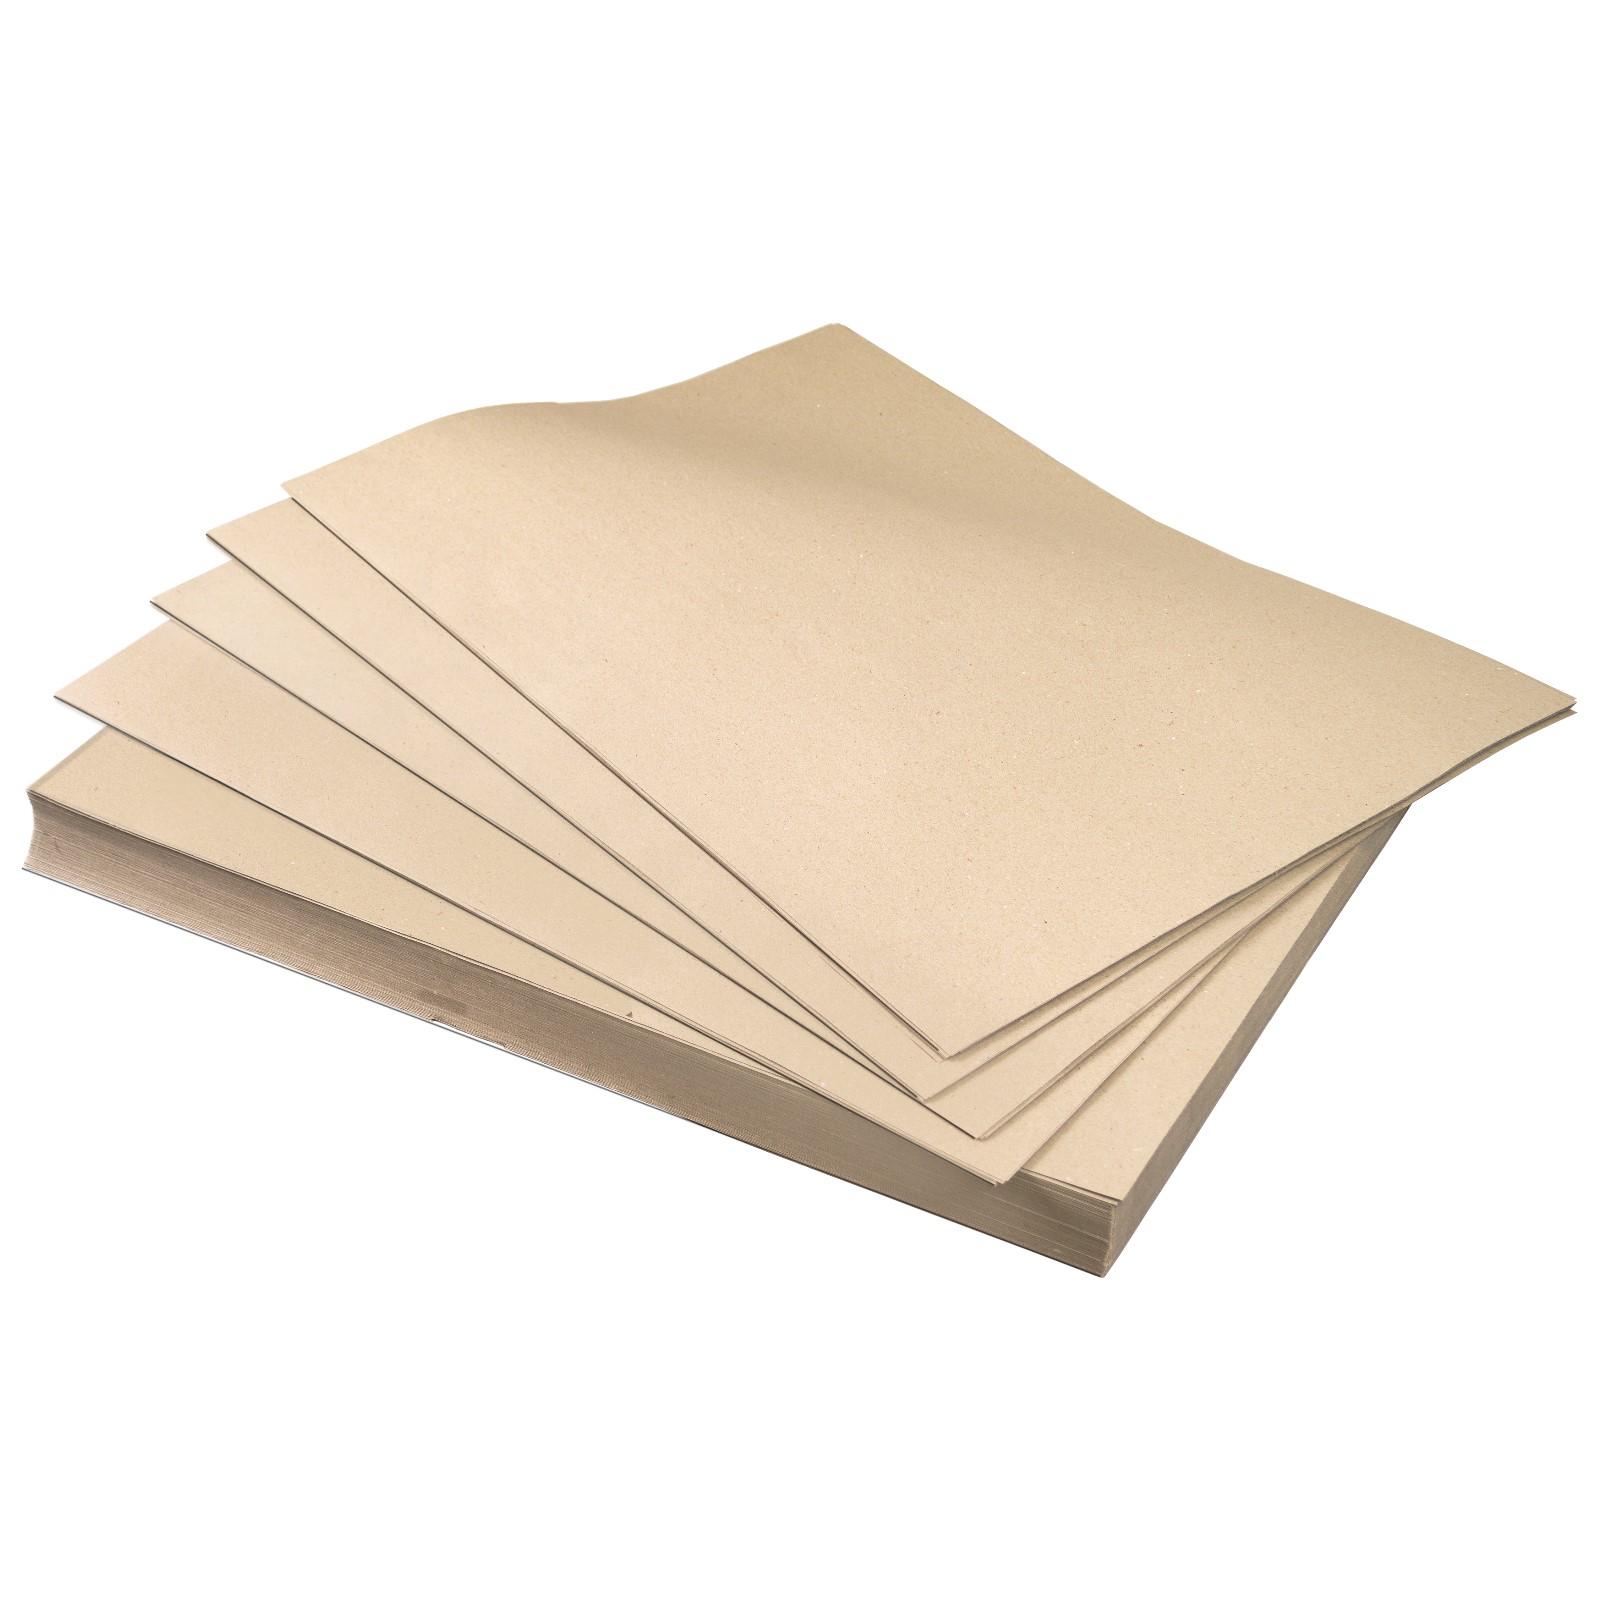 Schrenzpapier Packpapier Packpapier Füllmaterial 75 cm ca 15 KG 80g 100g 120g